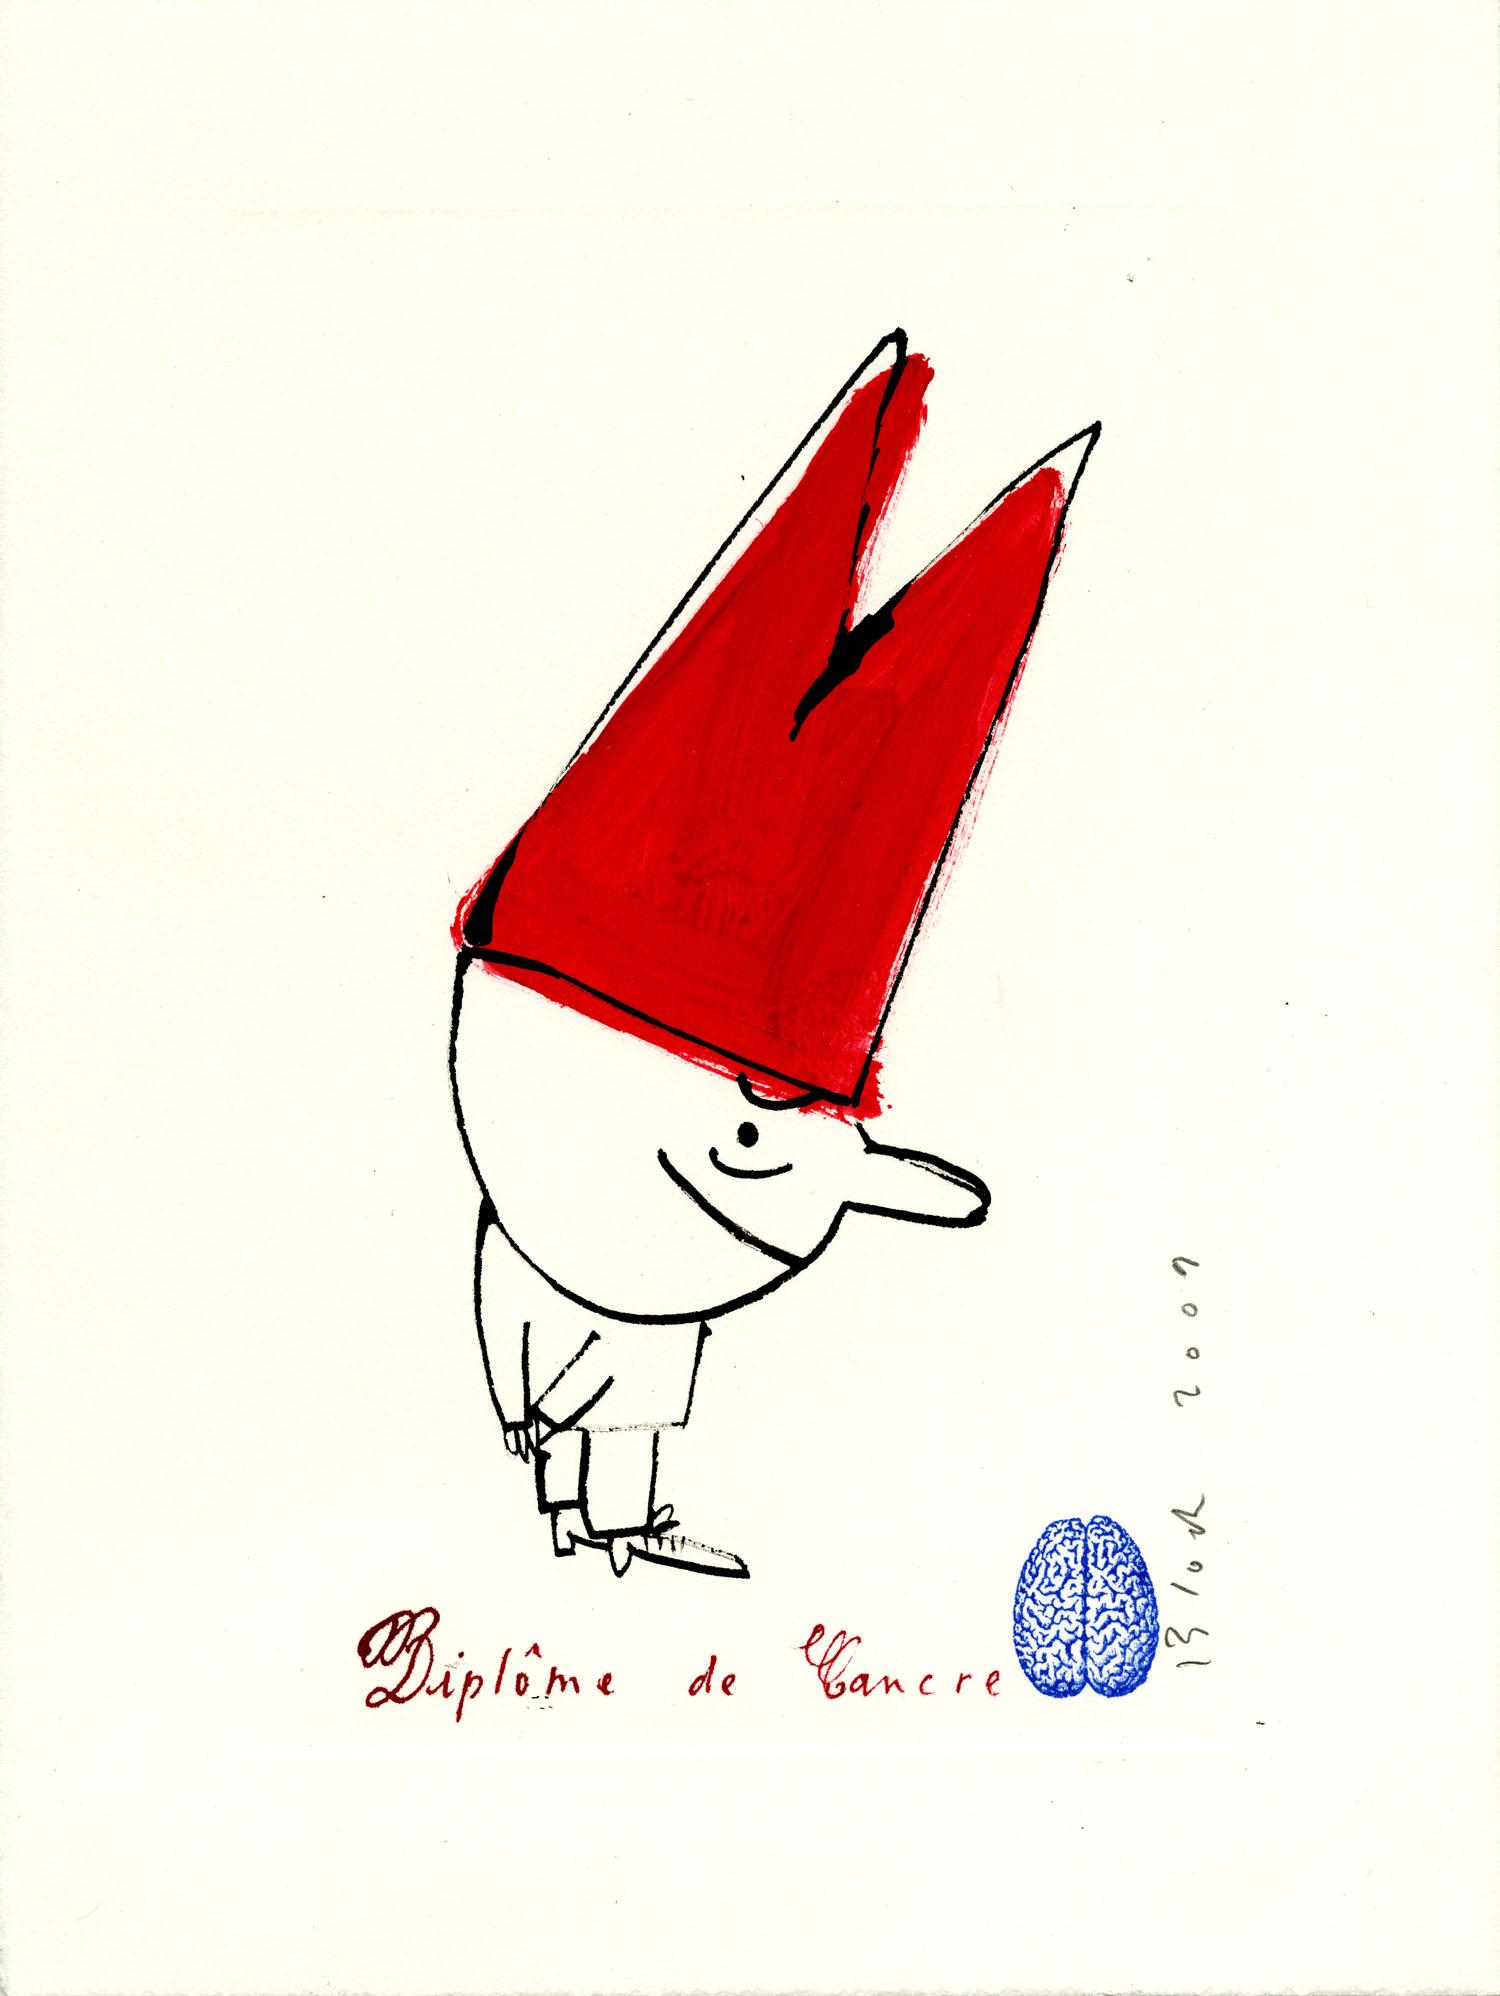 Diplôme de Cancre | Serge Bloch |